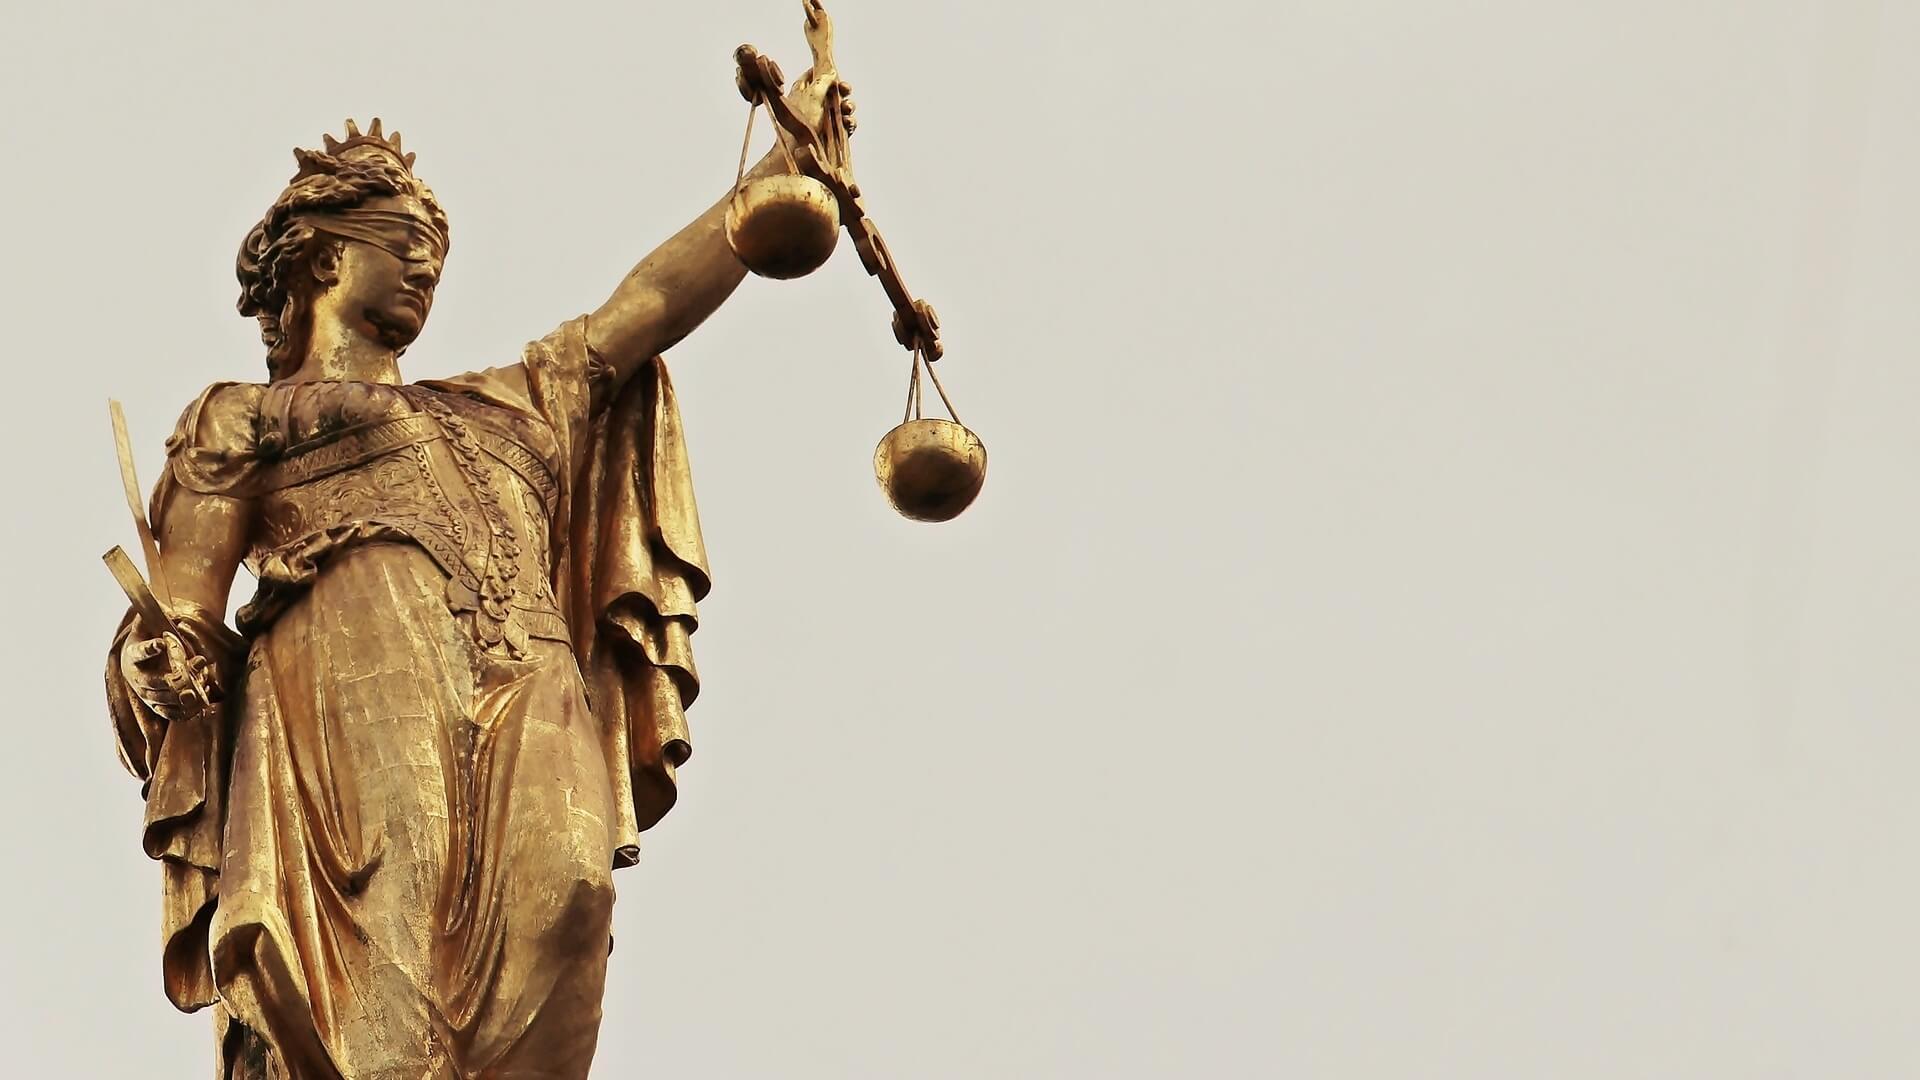 Permalink to: La propaganda leghista sbarca in tribunale sul caso Open Arms davanti al Giudice delle indagini preliminari di Palermo